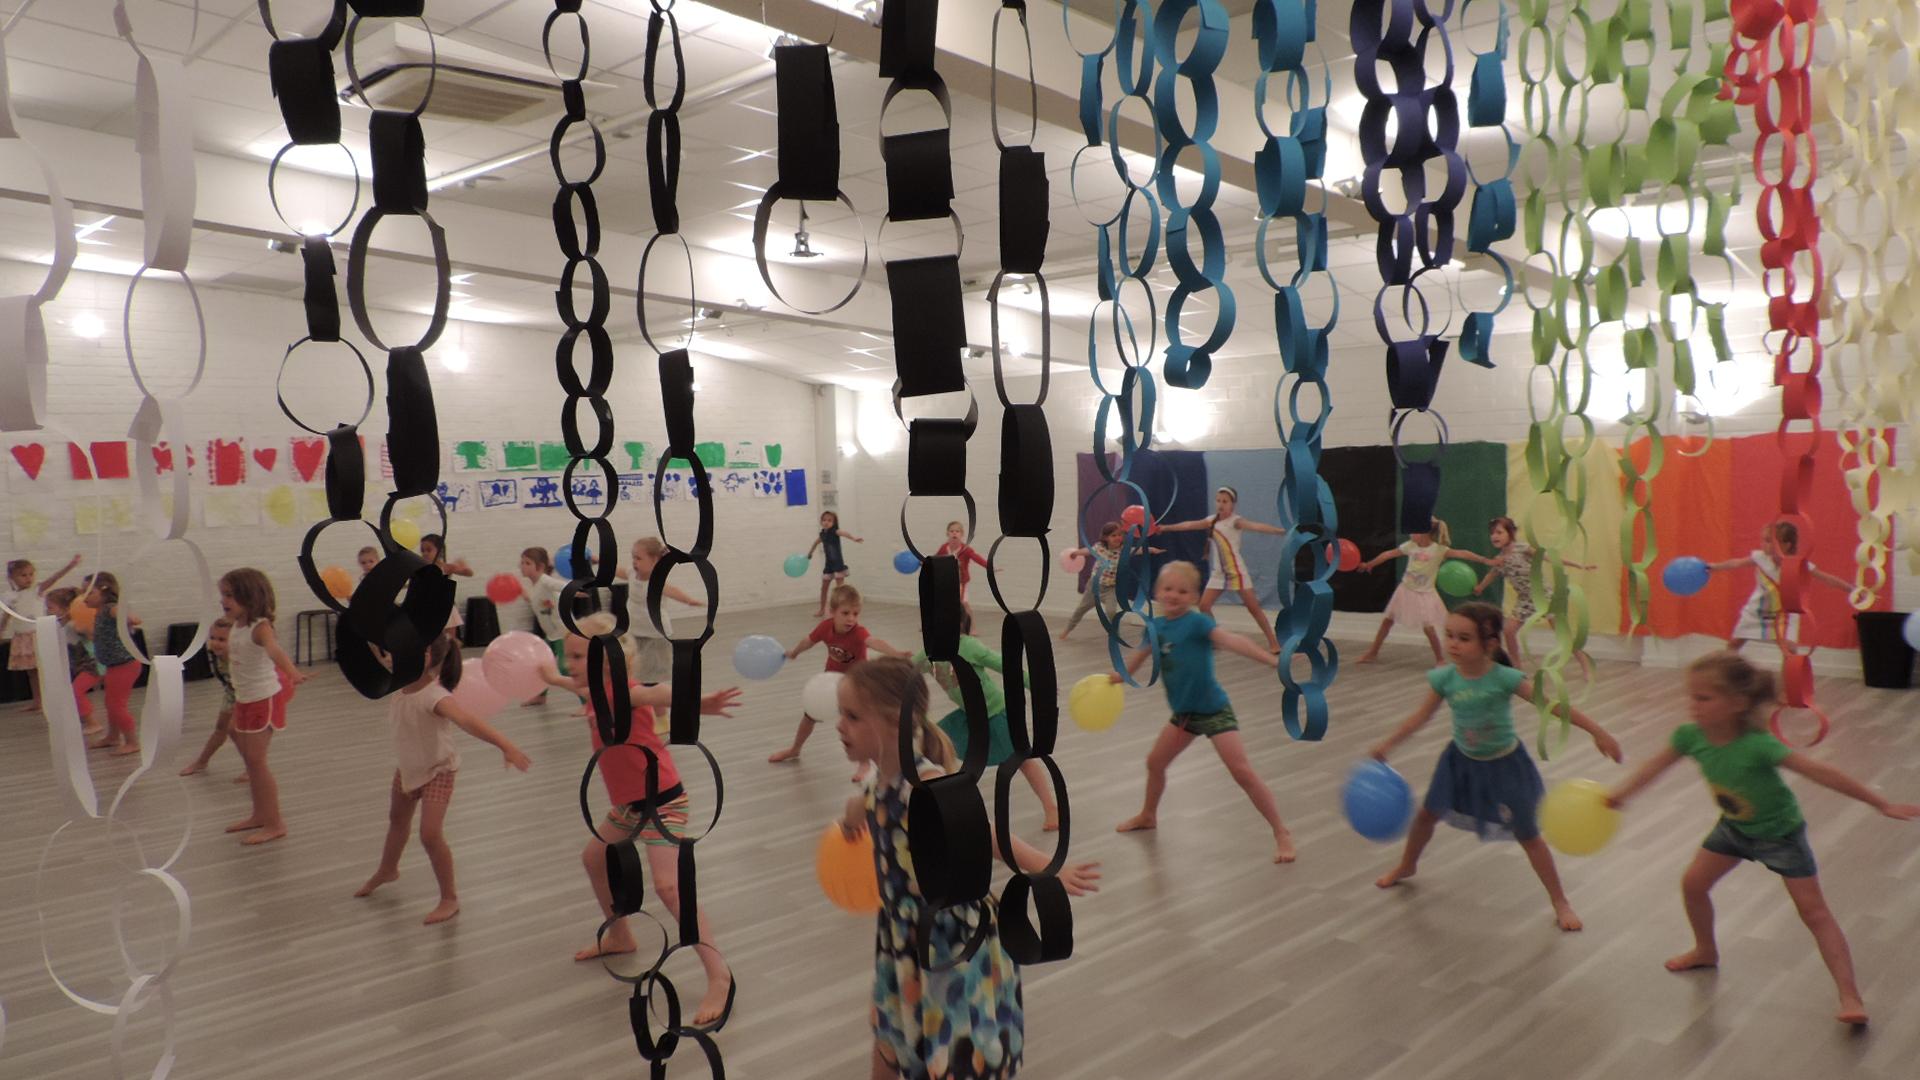 Dansfoto Break&Dance